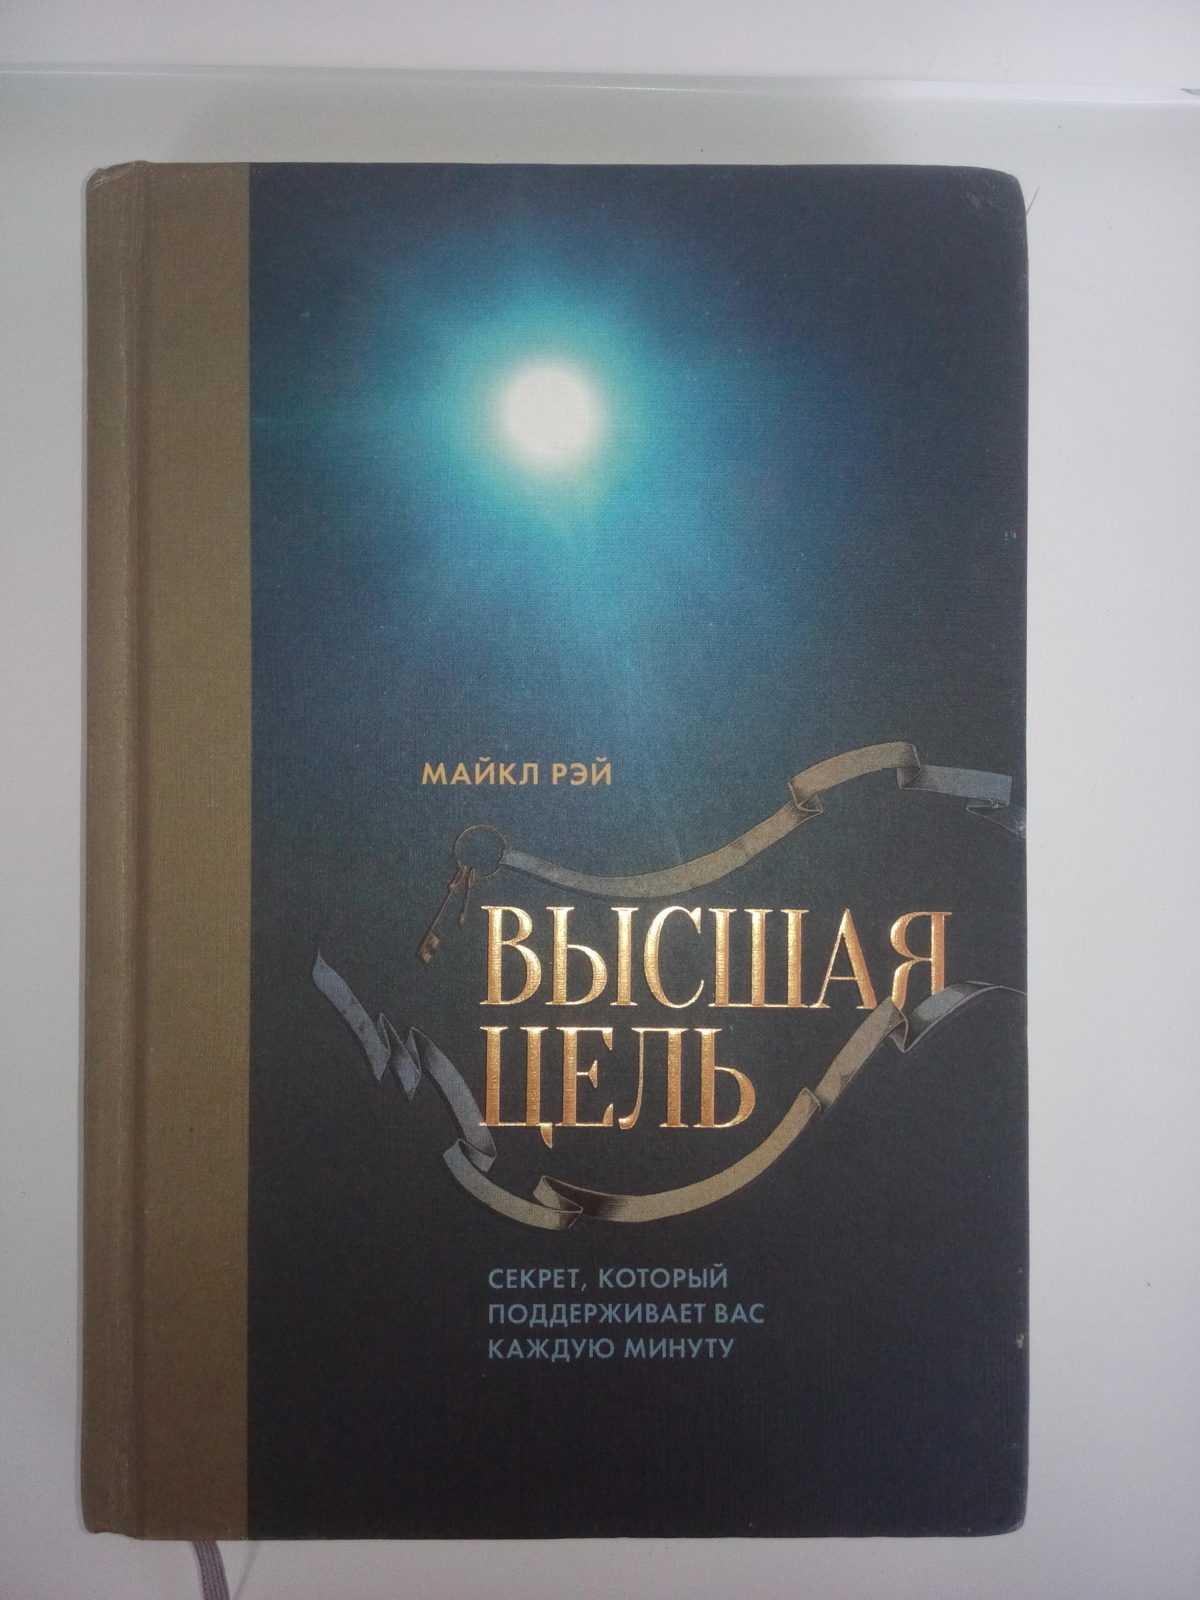 Майкл Рэй «Высшая цель»